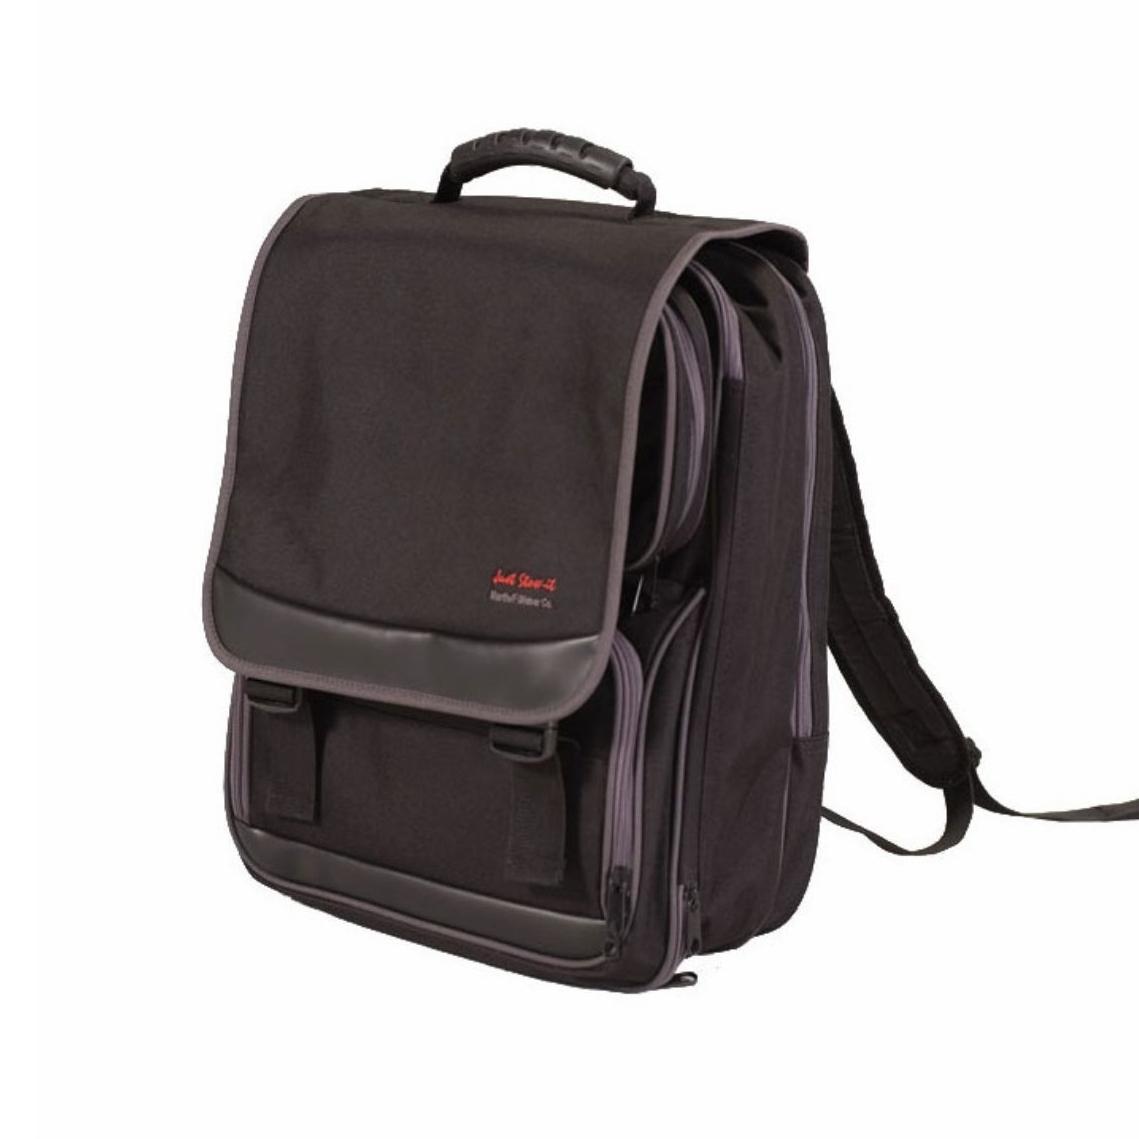 Artist Backpack Edge Pro Gear